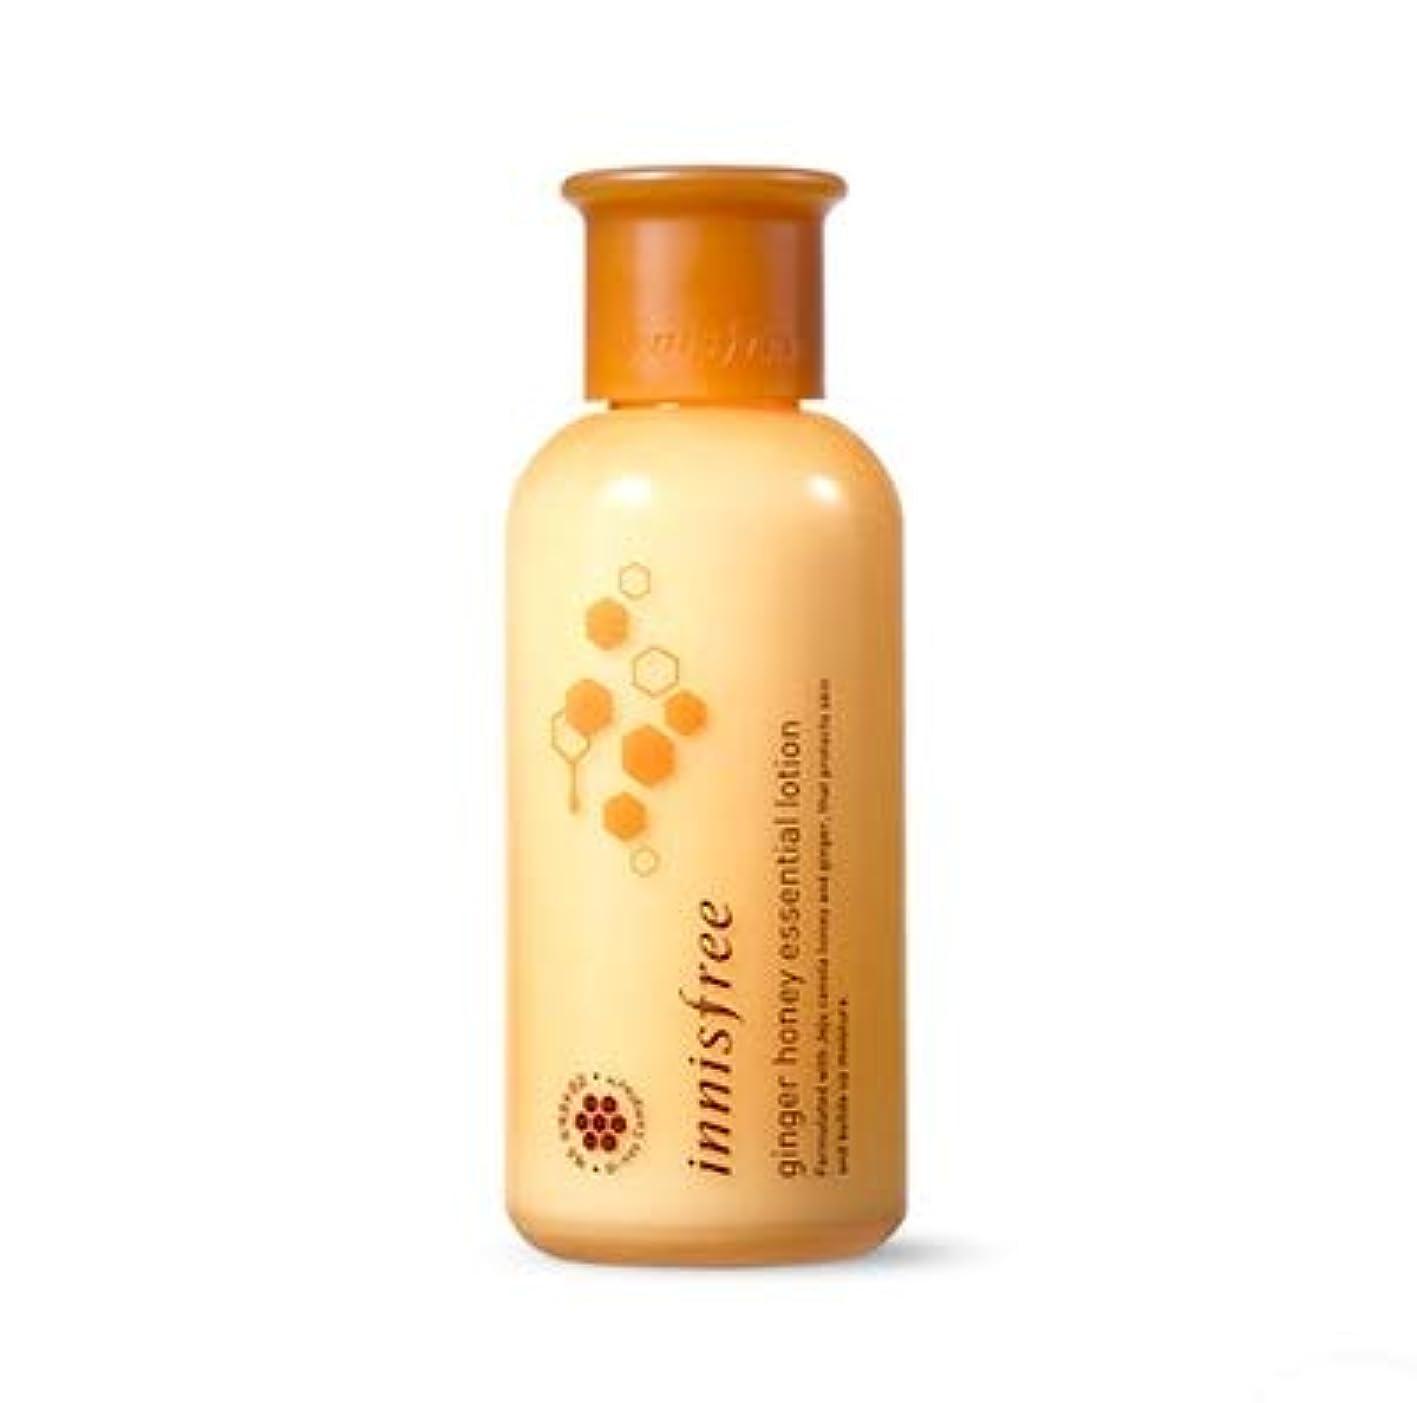 フルーツ船めまいがINNISFREE Ginger Honey Essential Lotion イニスフリー ジンジャー ハニー エッセンシャル ローション 160ml [並行輸入品]